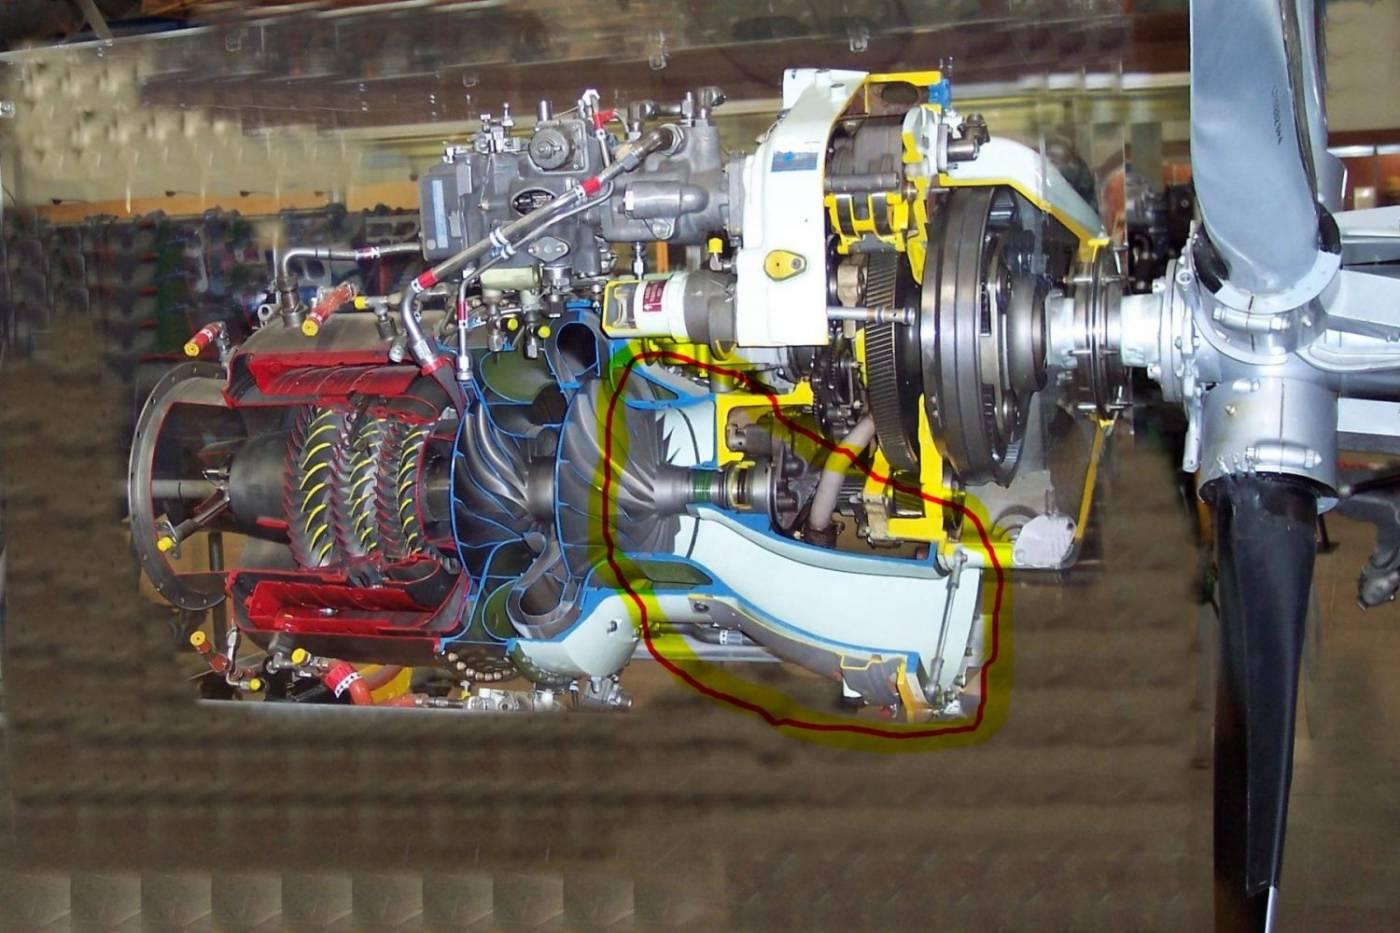 é jogado para a parte de trás da hélice gerando empuxo também #B5AE16 2048x1365 Banheiro De Avião Como Funciona